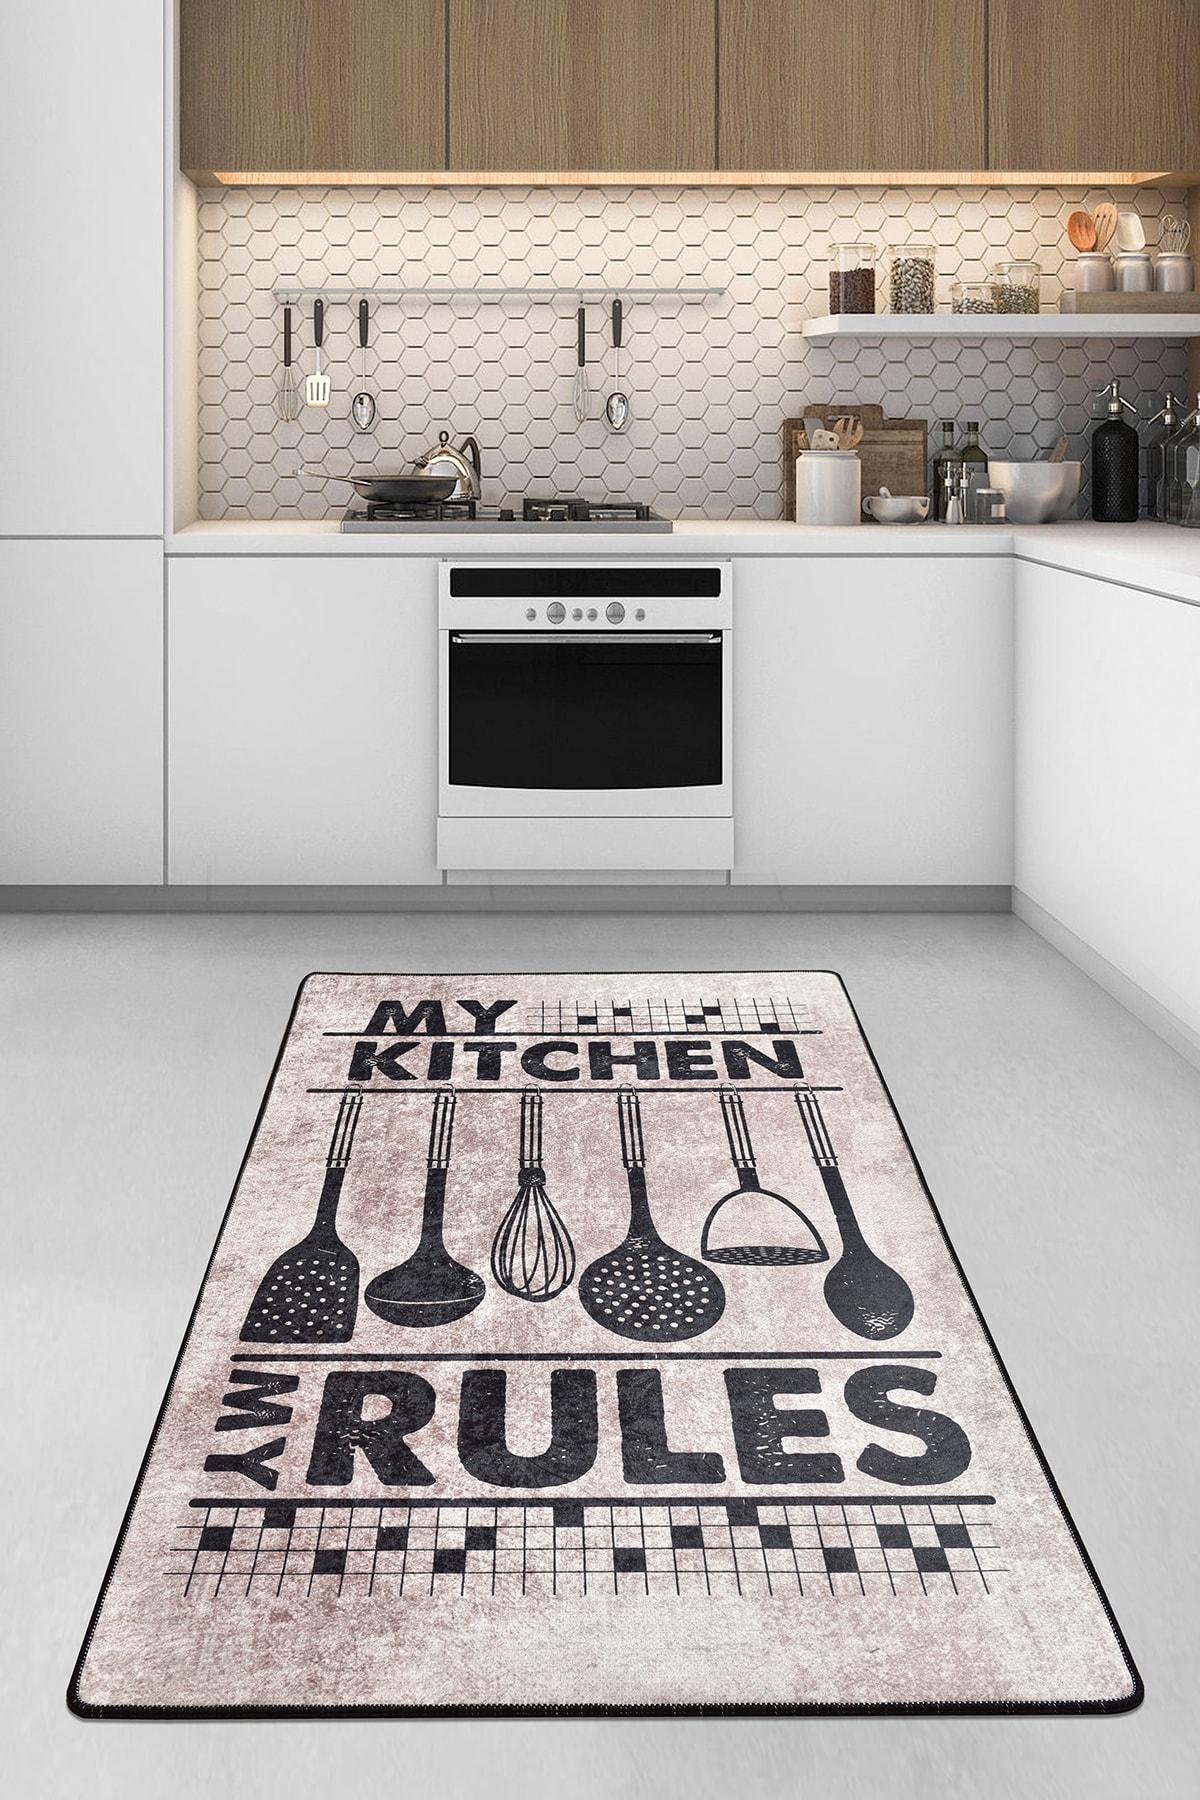 Chilai Home RULES DJT Mutfak Halısı, Kaymaz Taban , Yıkanabilir. 1